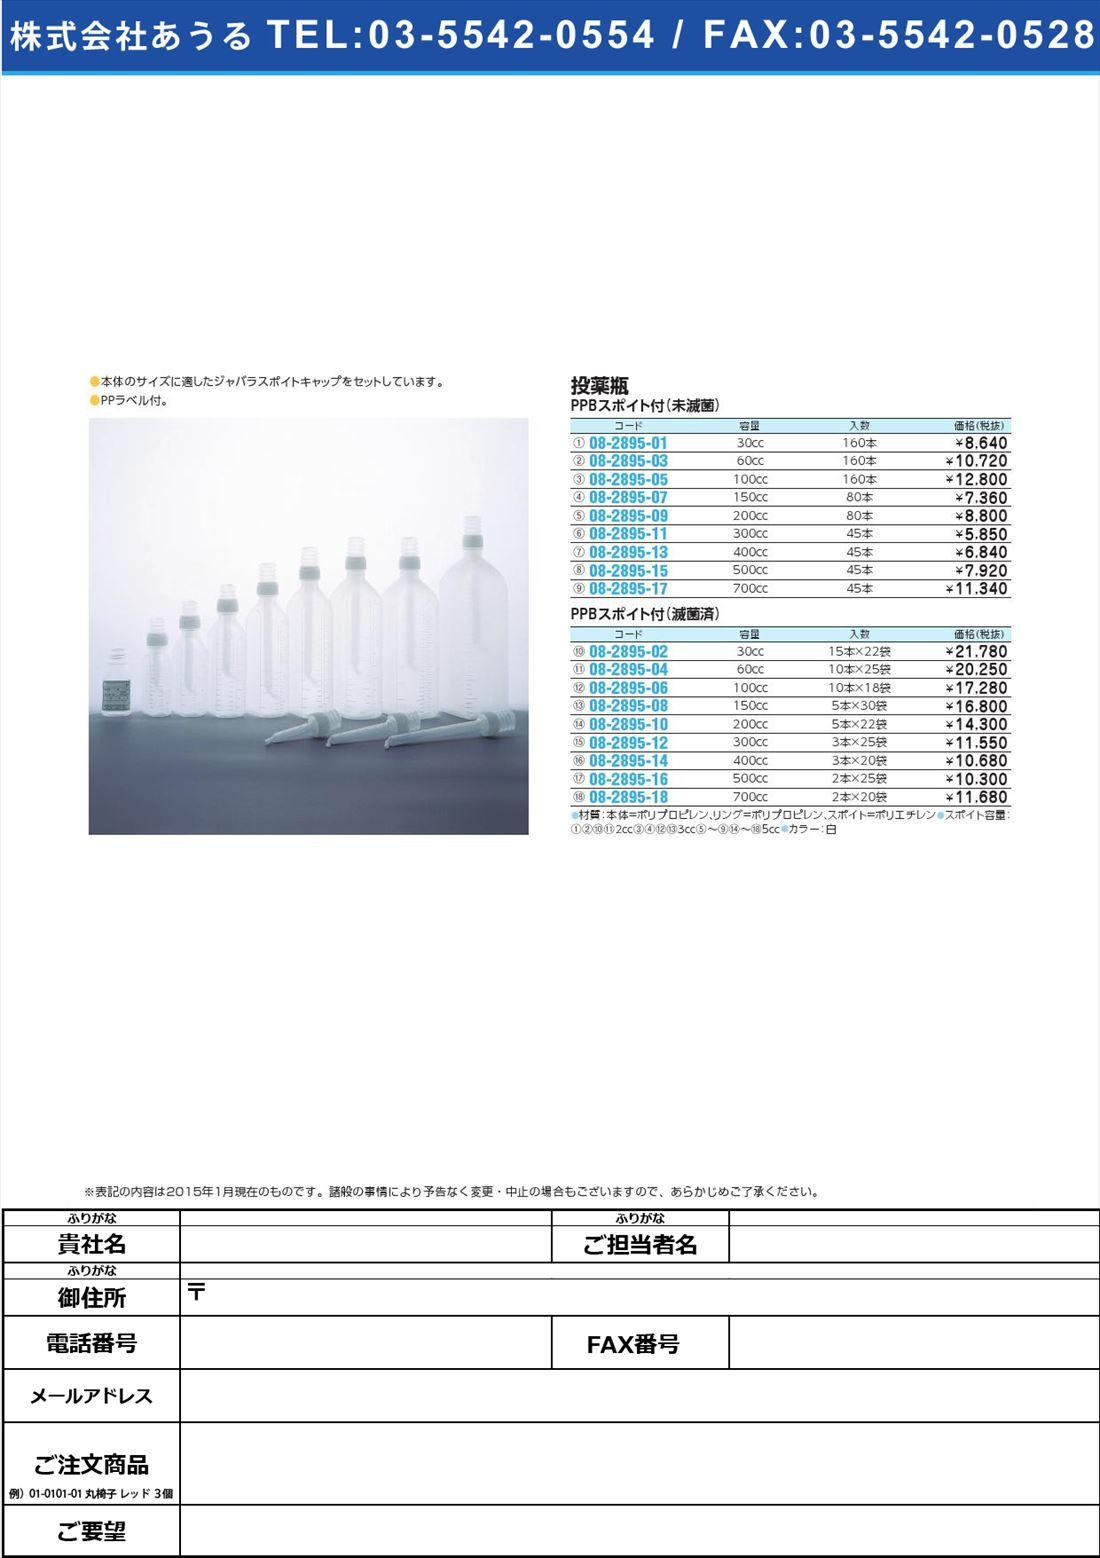 投薬瓶PPBスポイト付(未滅菌) PPBスポイトツキ(ミメッキン) 500CC(45ホンイリ)【1梱単位】(08-2895-15)